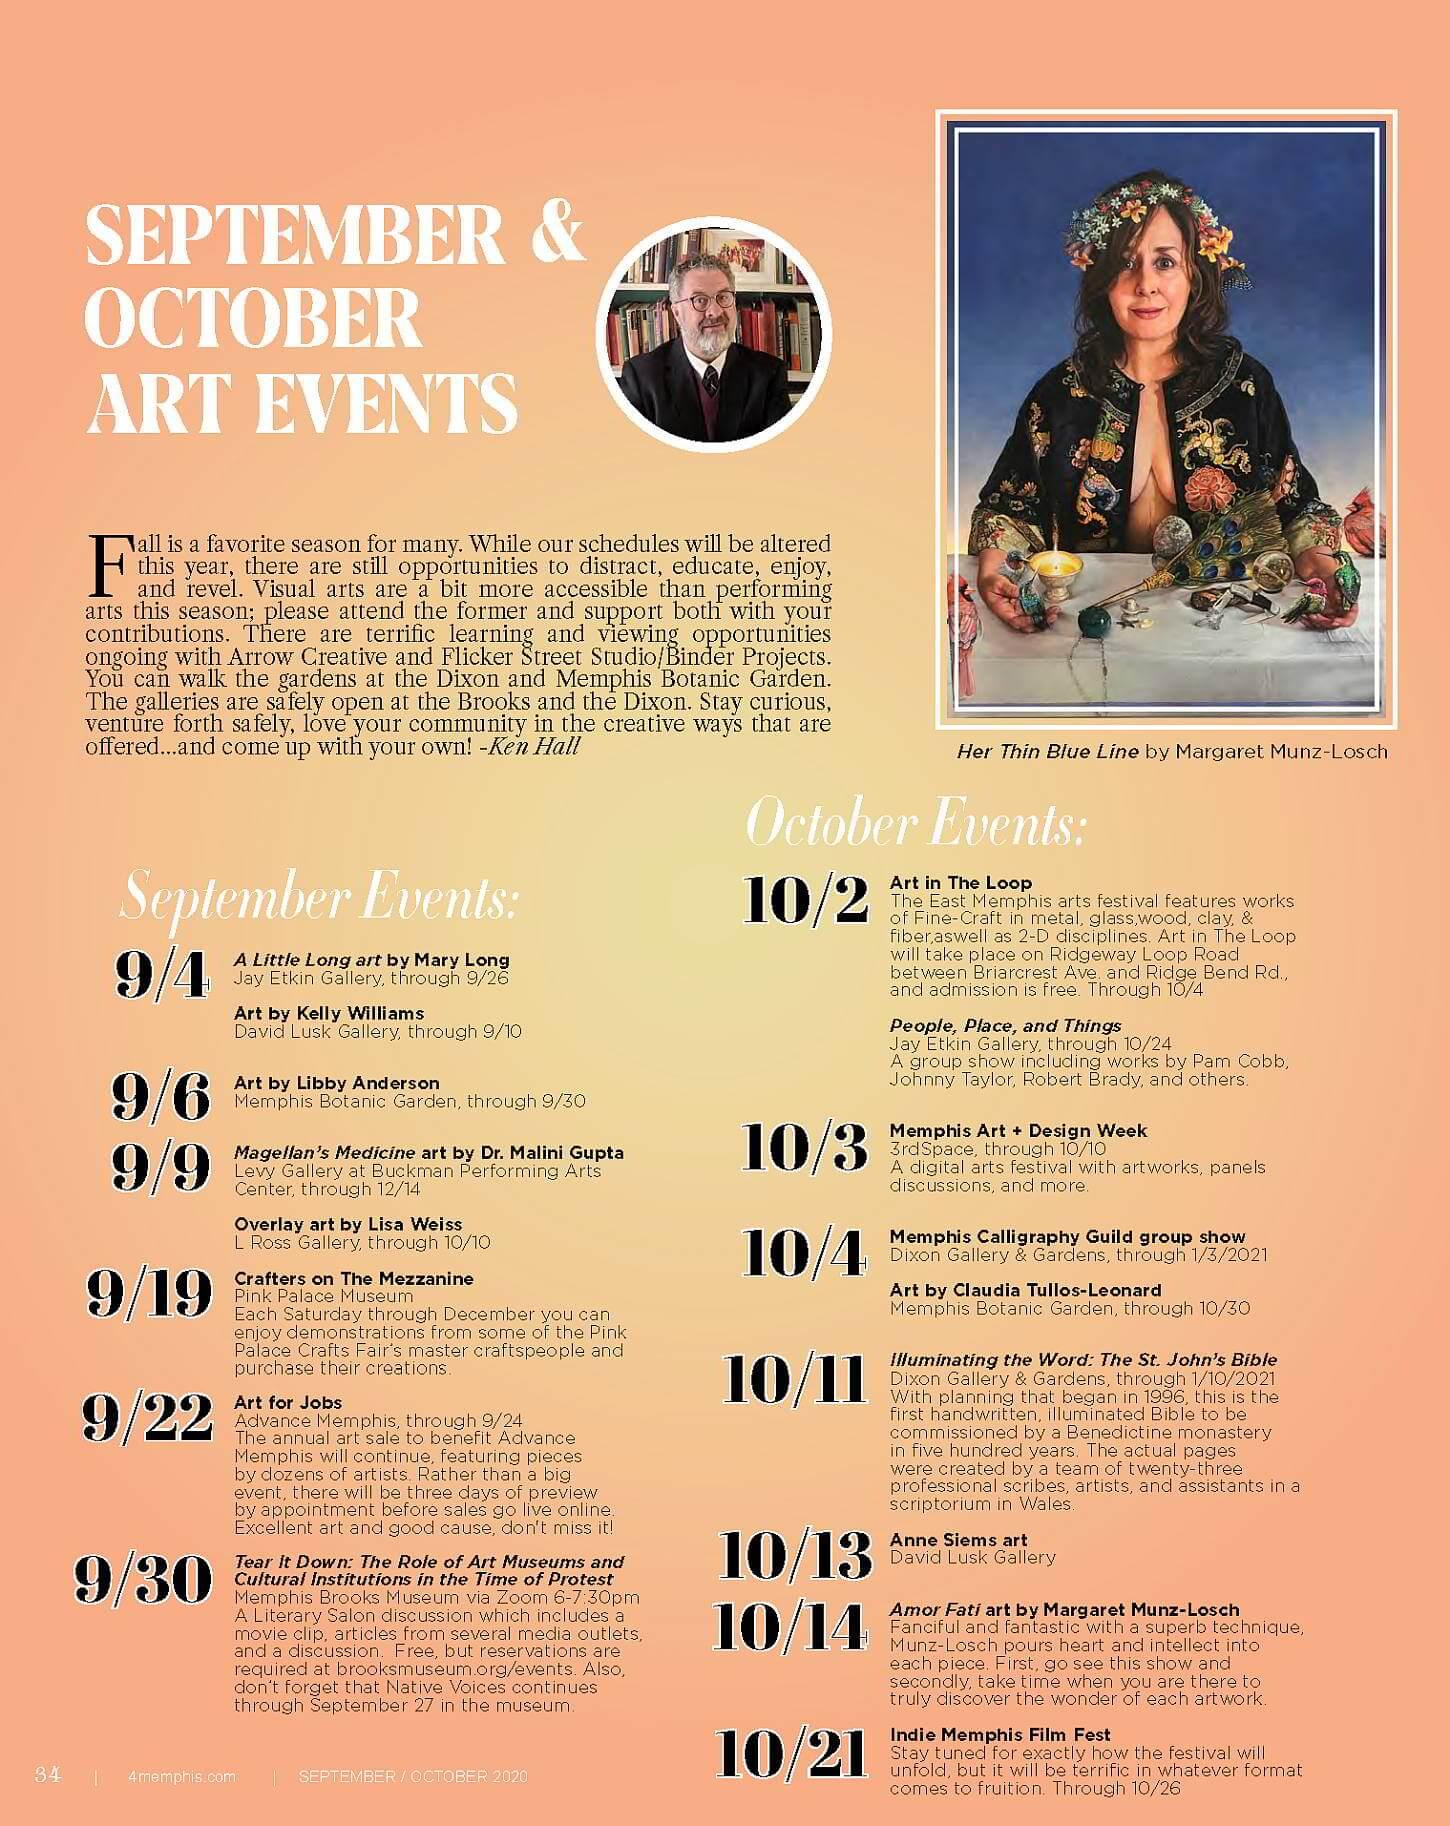 4Memphis Sept._Oct. 2020 Art Events